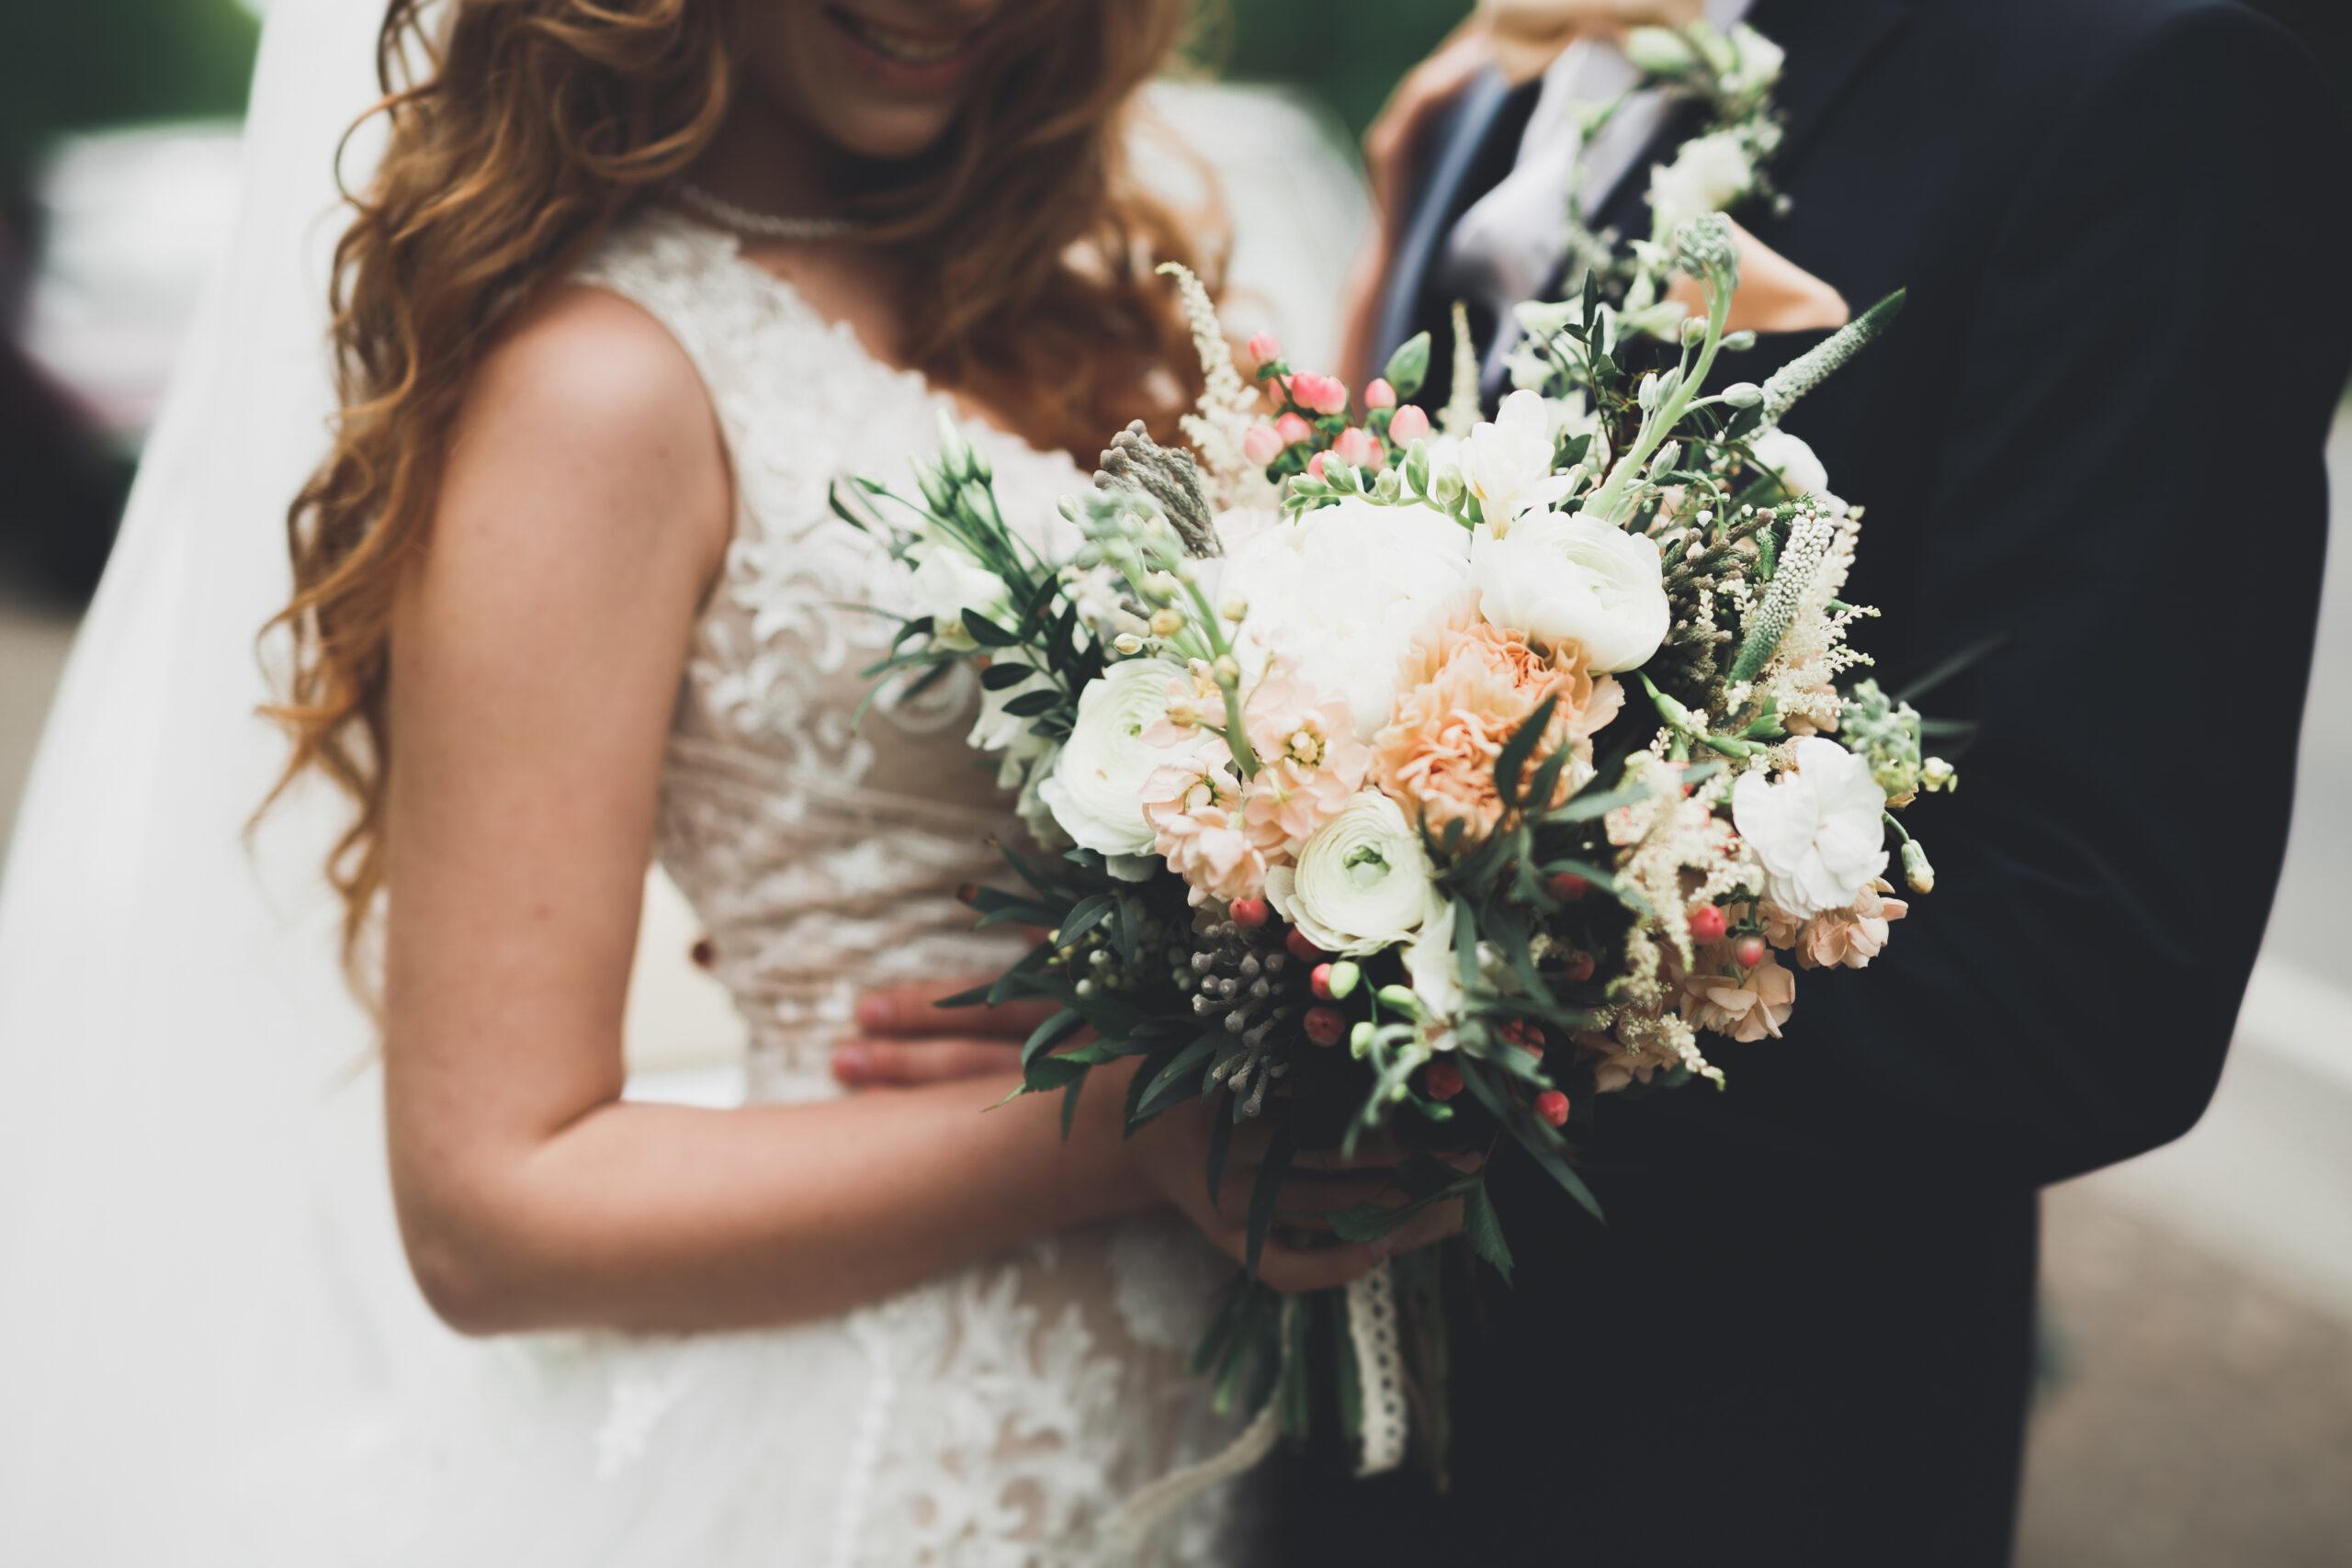 結婚指輪の選択肢が多彩に!シンプル+αを取り入れる 人気の素材やデザインをチェック